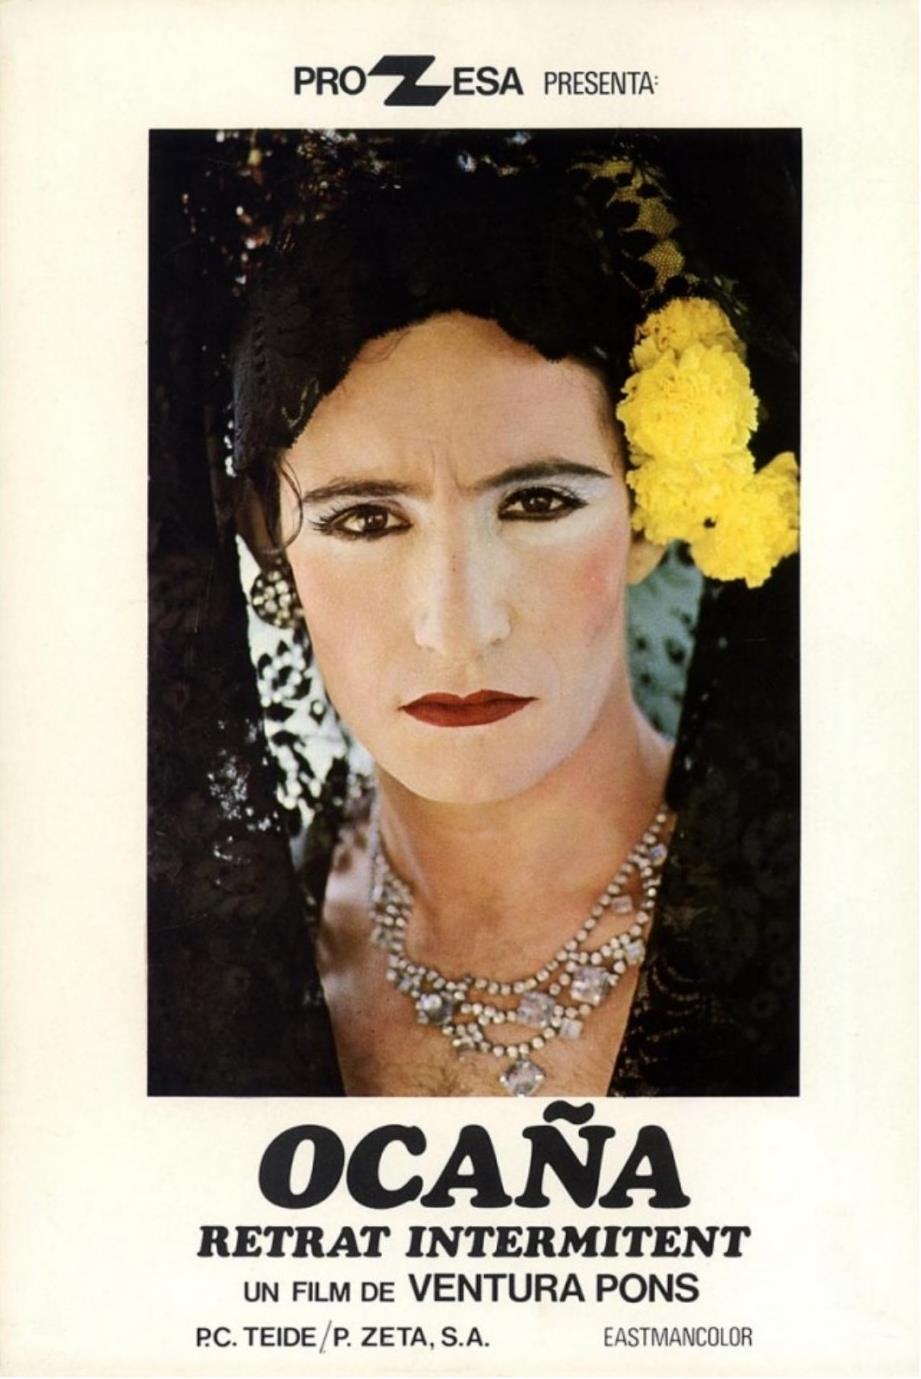 Ocaña, retrato intermitente de Ventura Pons (1978)